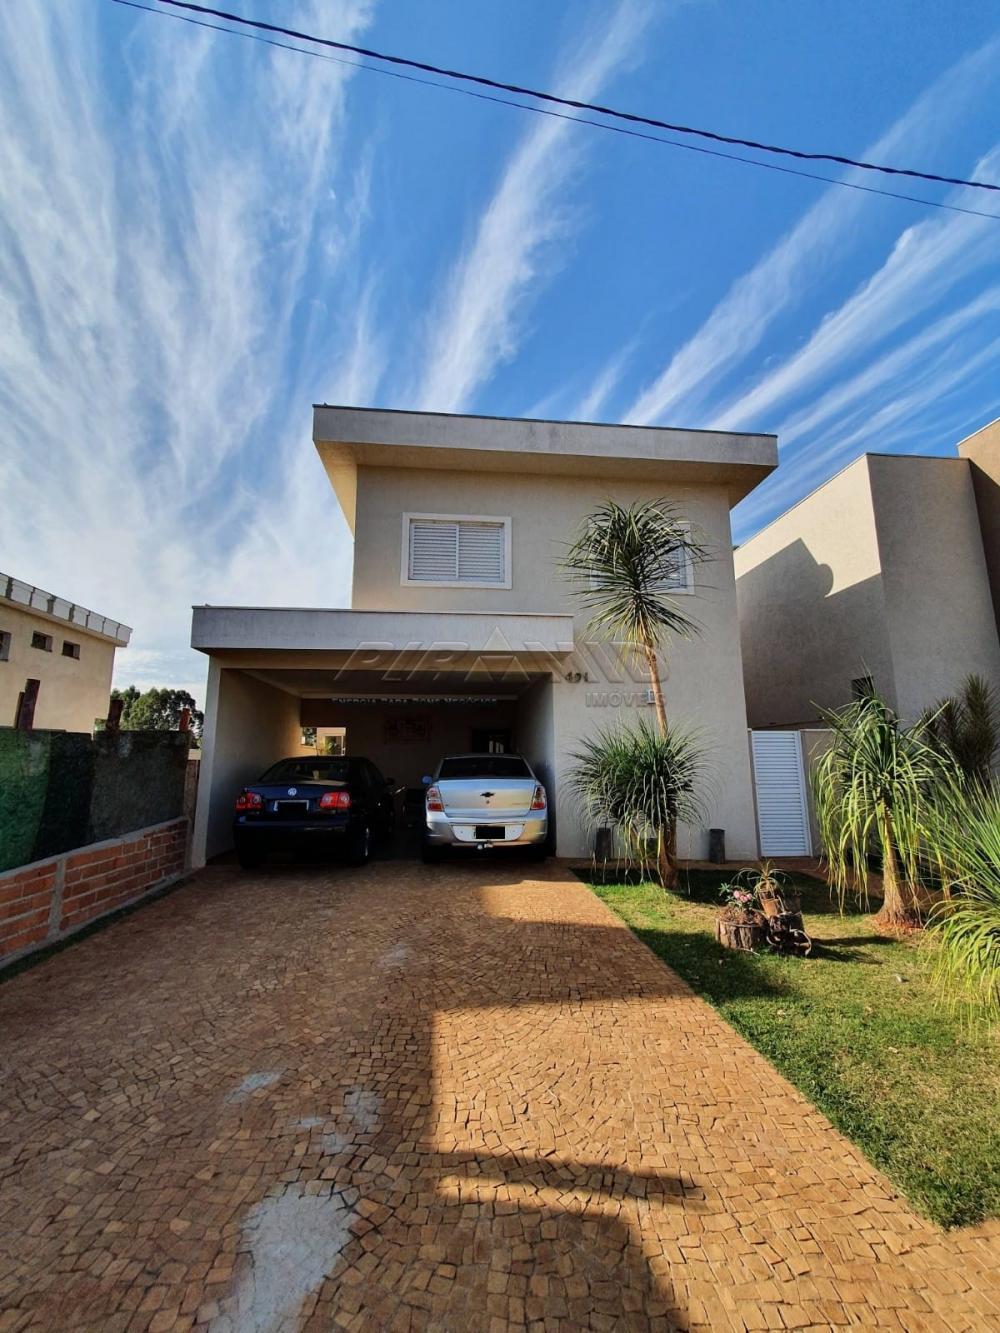 Comprar Casa / Condomínio em Ribeirão Preto R$ 980.000,00 - Foto 1